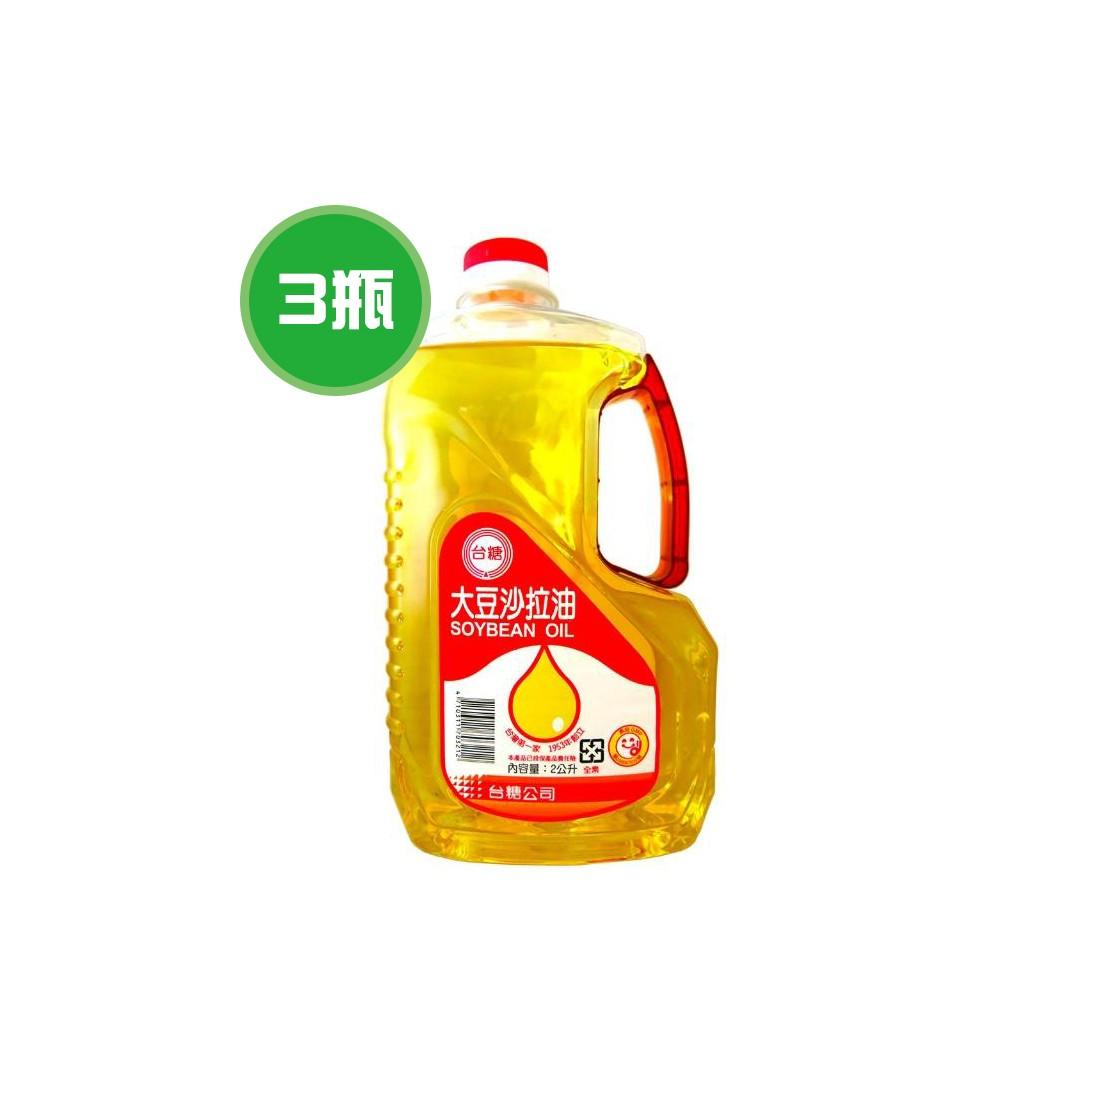 金車香魚 超值組D (香魚-公2包+香魚-母4包, 每包500g, 母含卵)